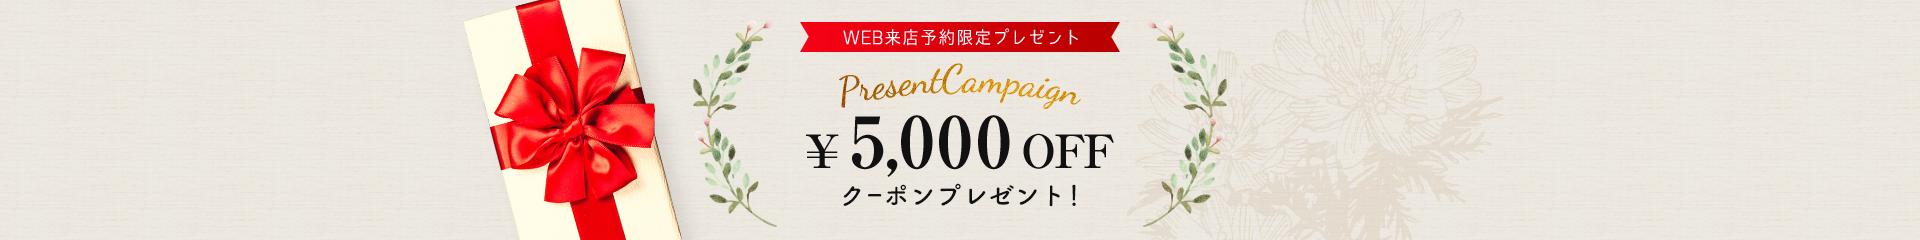 WEB来店予約限定クーポンプレゼント